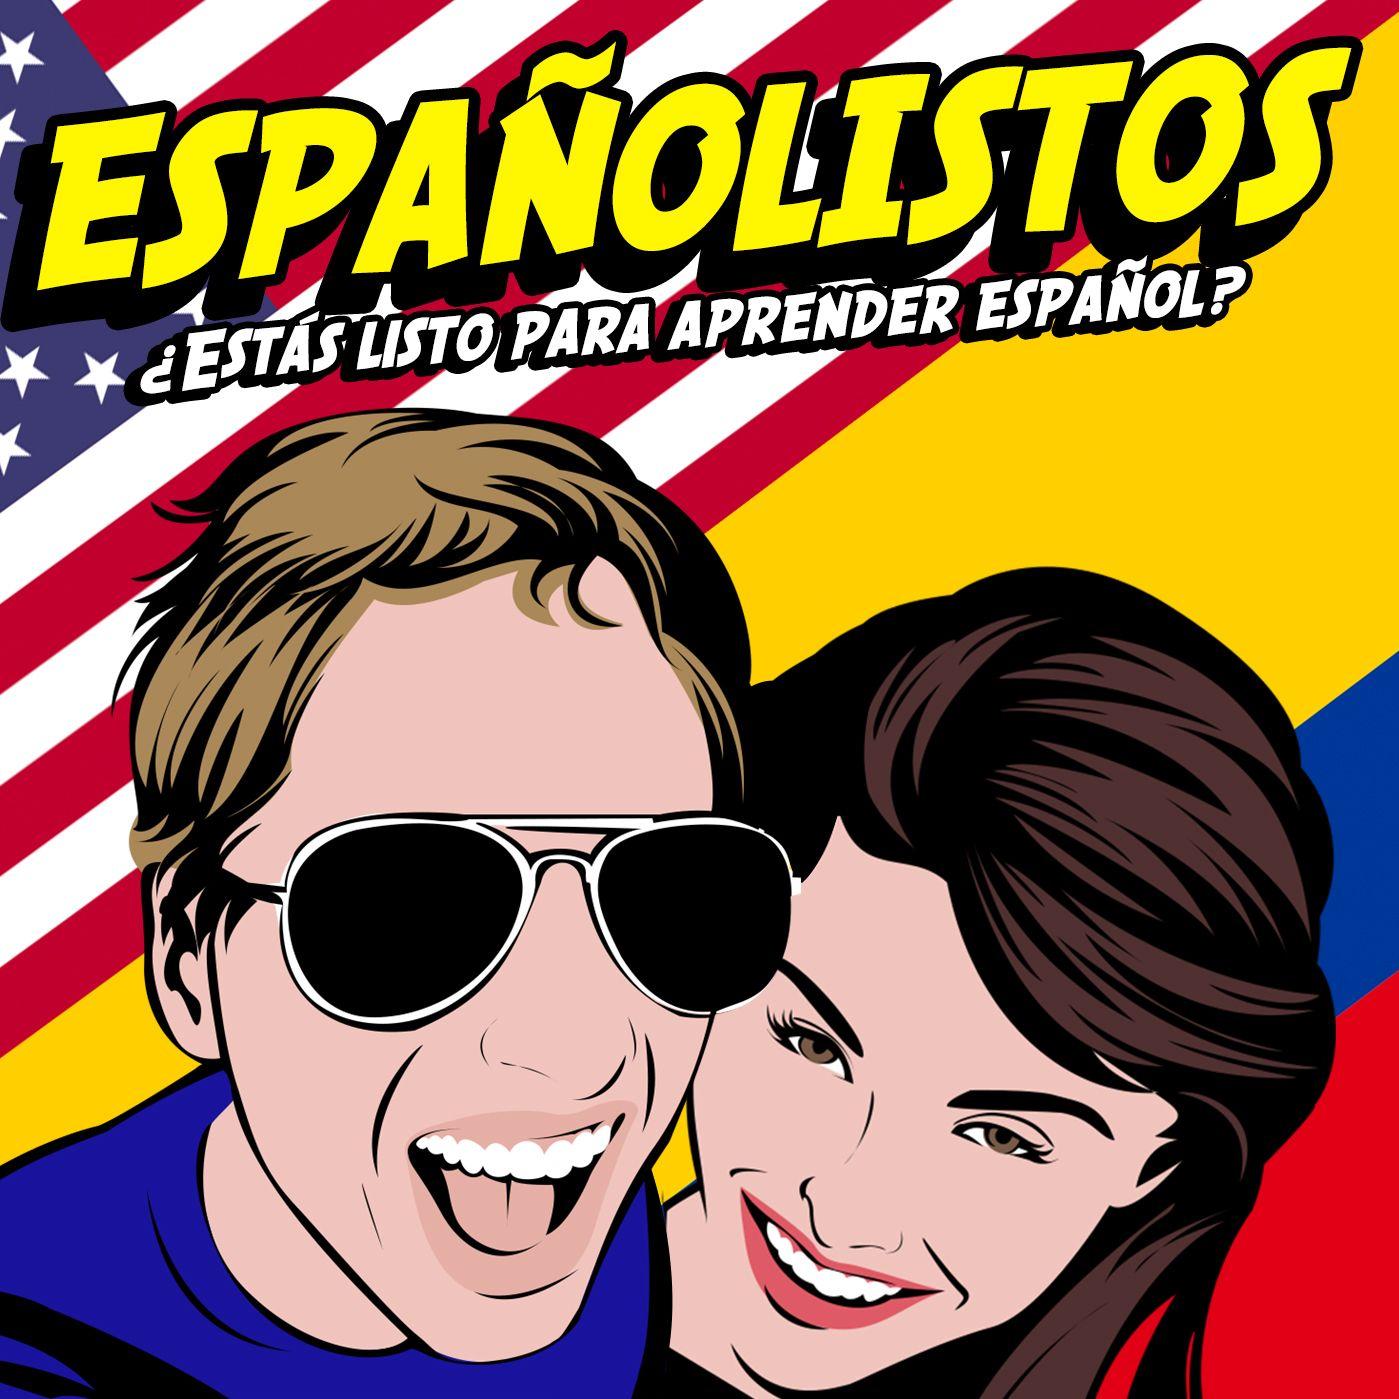 Episodio 081 - Español de España vs. Español de Latinoamérica [PARTE 1]